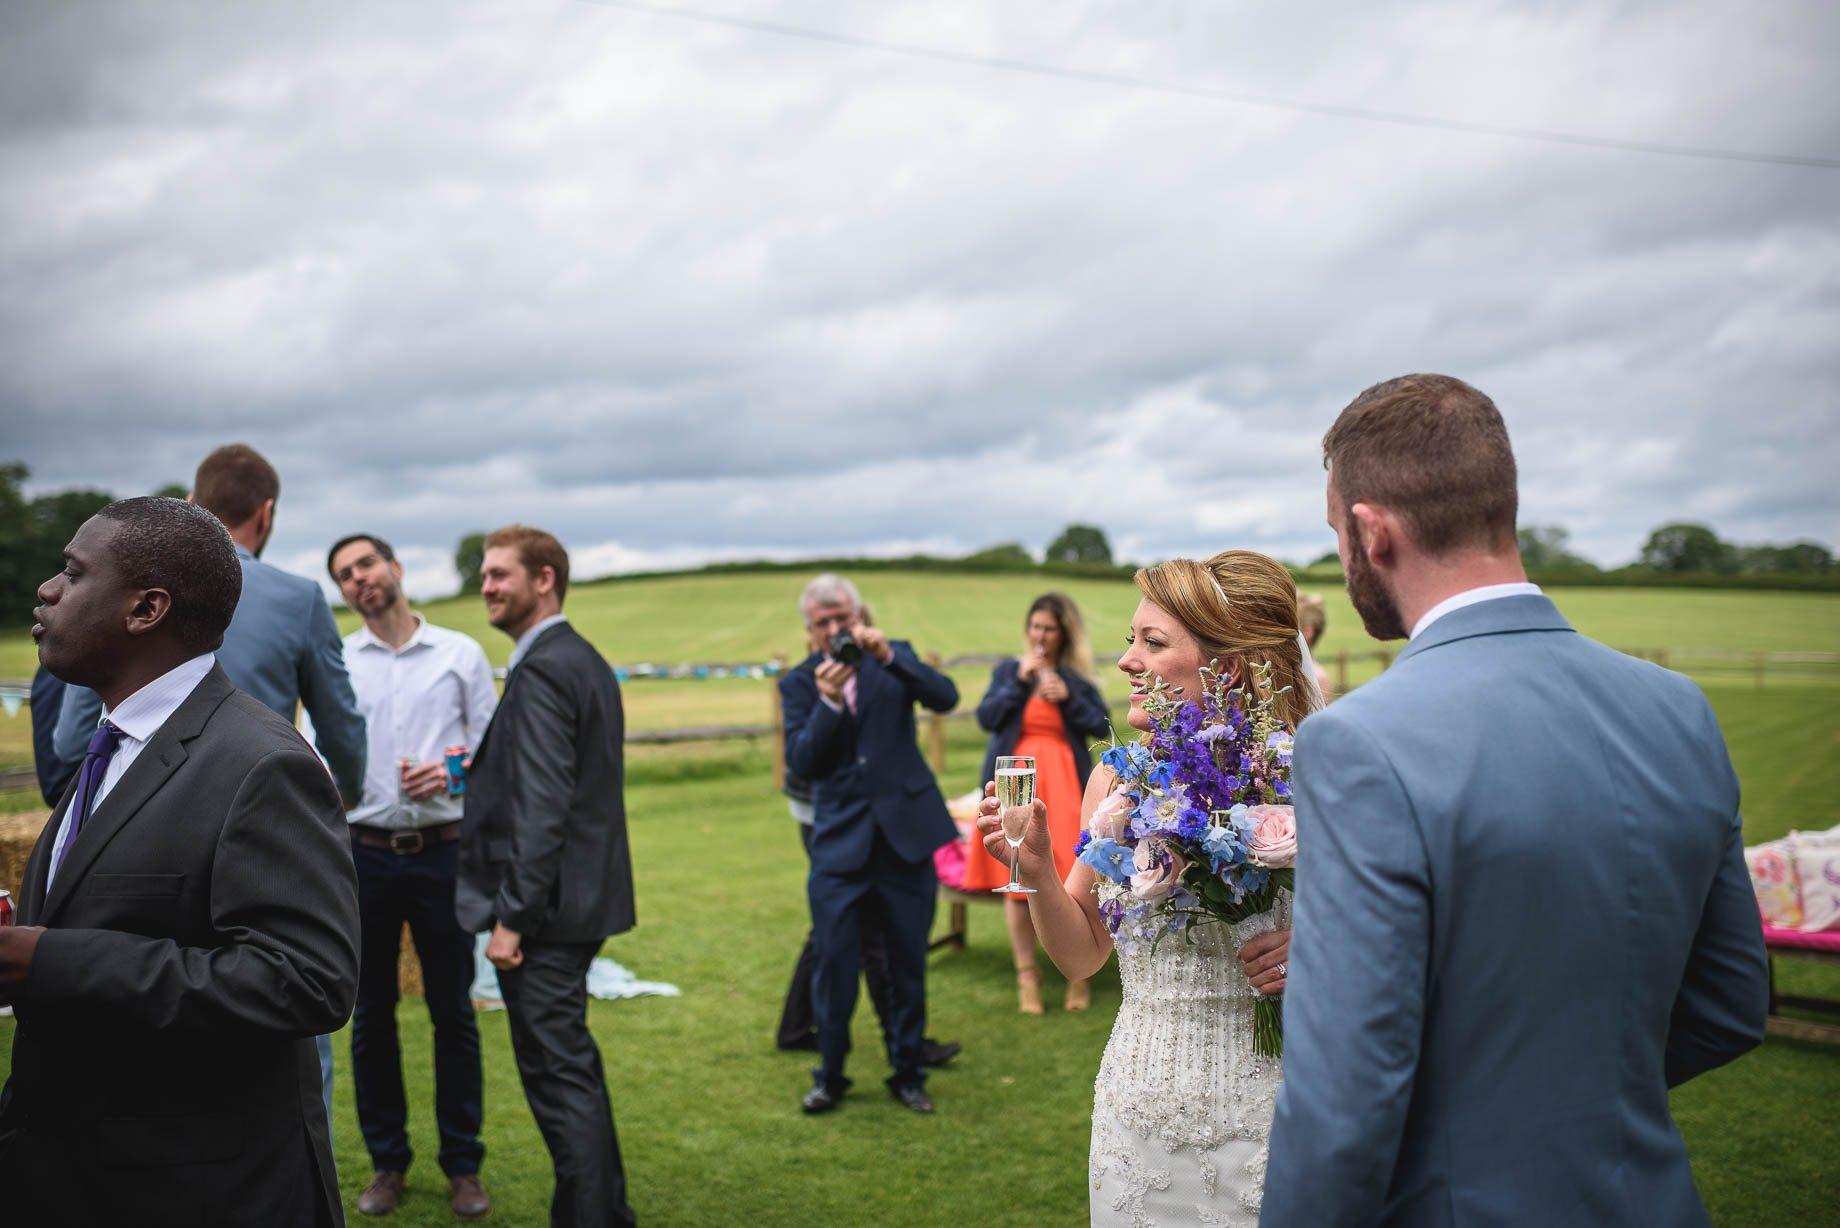 Bartholomew Barns wedding photography - Louise and Spencer (73 of 151)